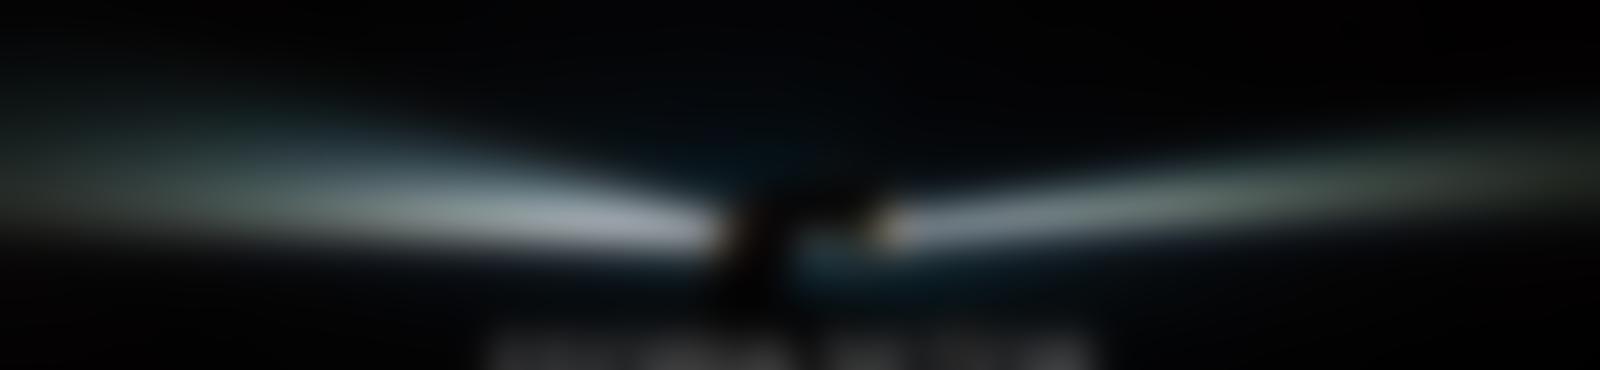 Blurred 52edd388 8ee8 4ee5 9a45 f8e723a6e399